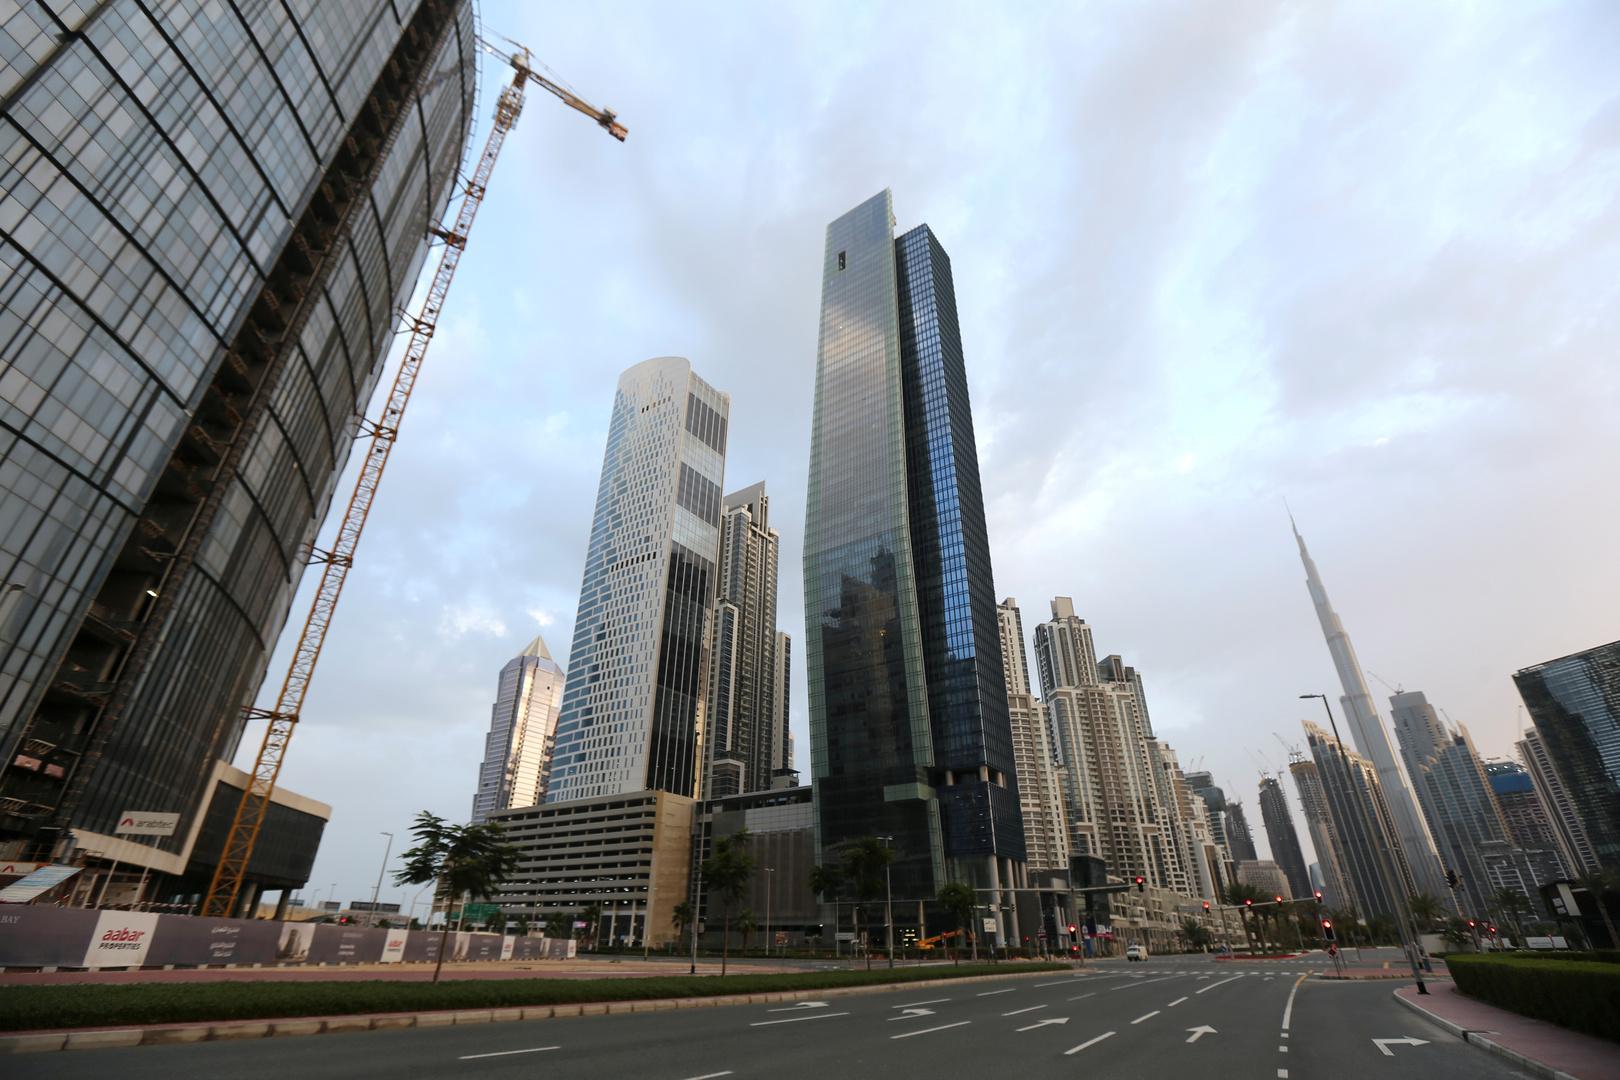 حكومة دبي تعلن فتح مراكز التسوق والشركات والمؤسسات الخاصة